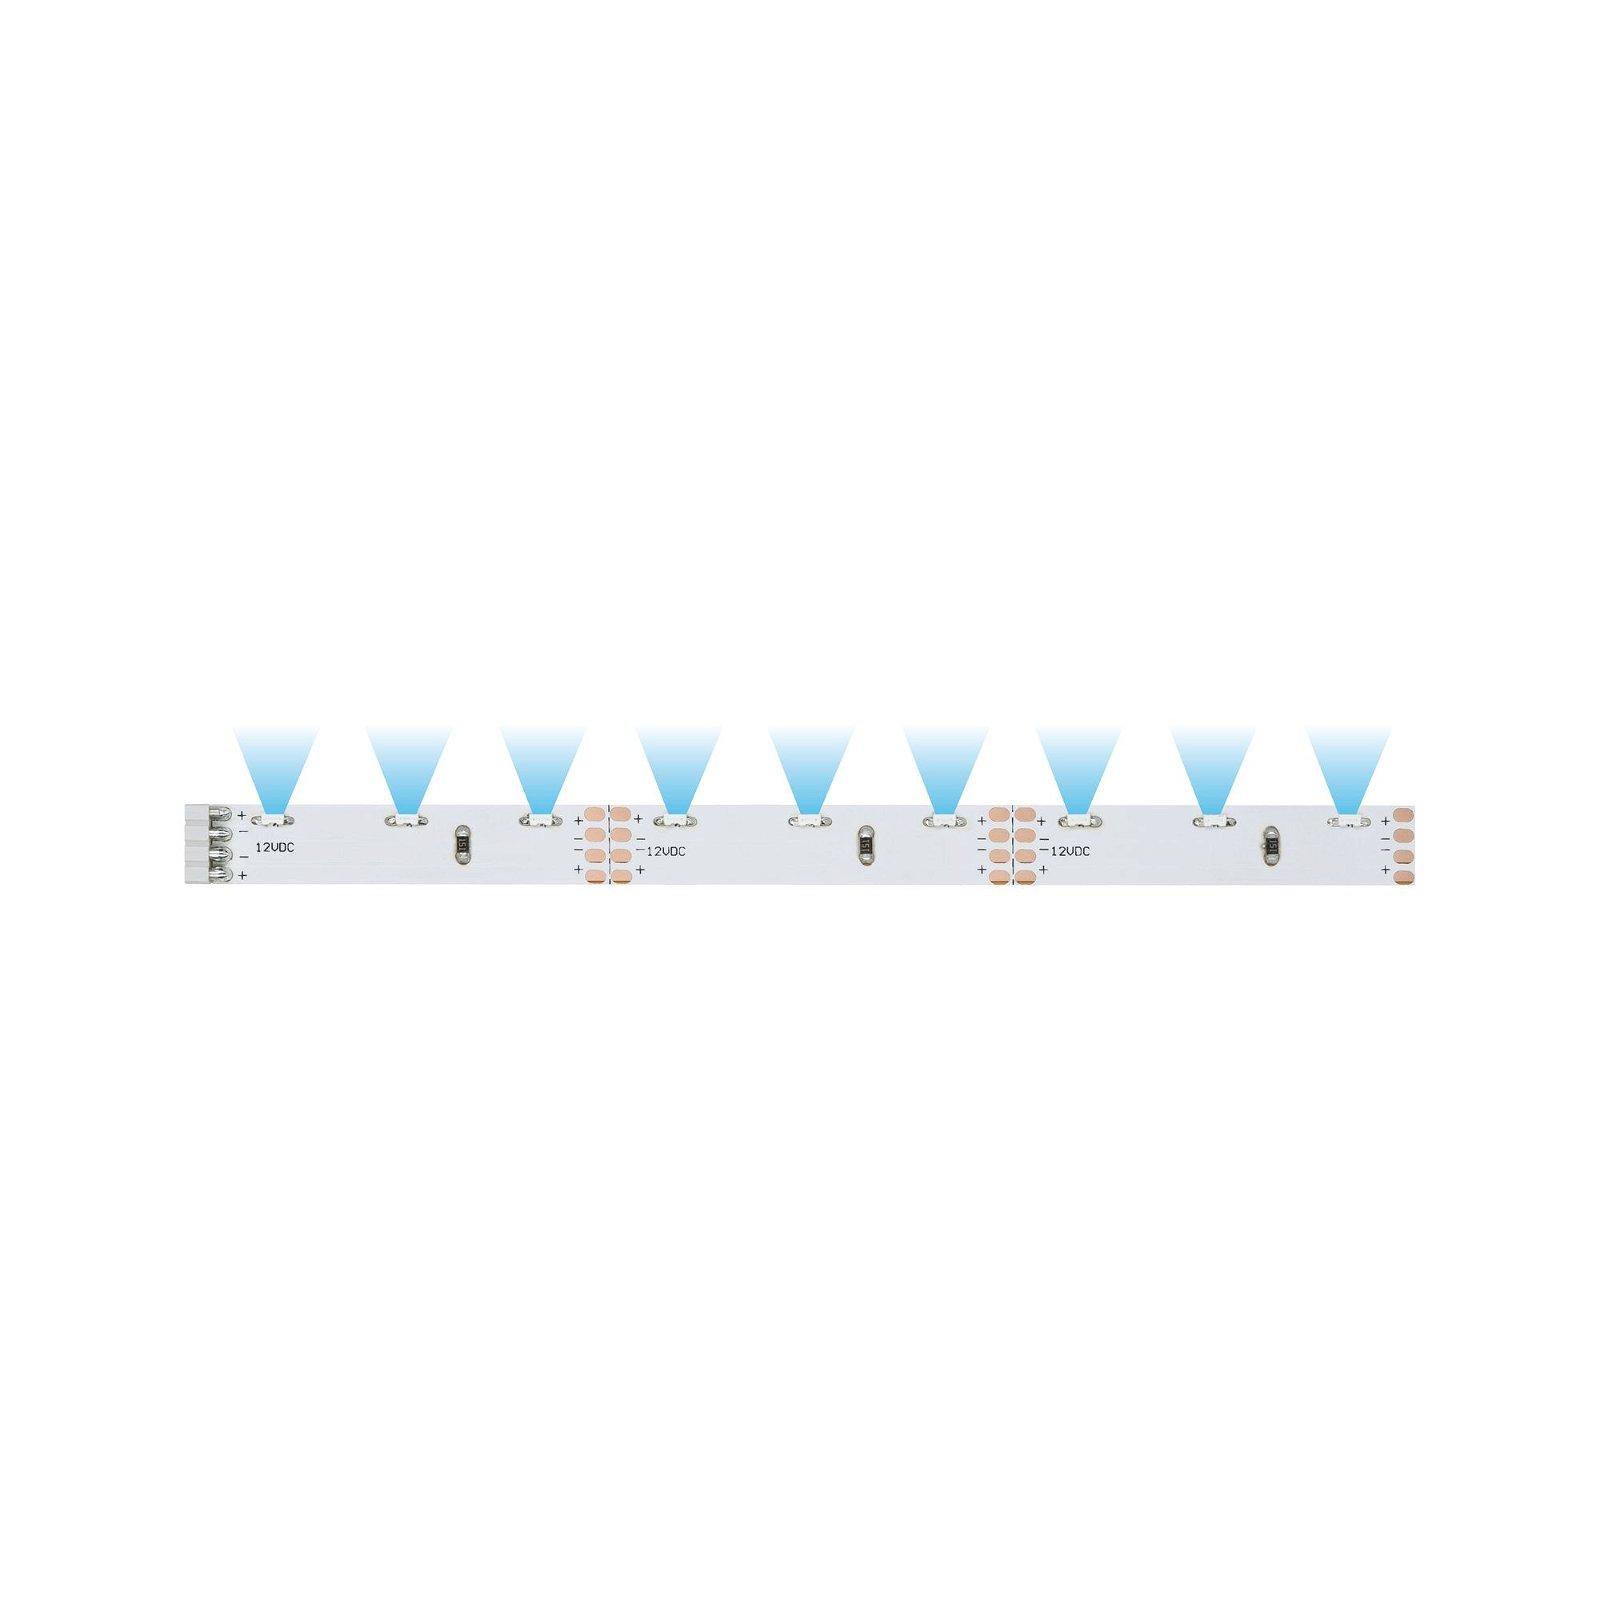 YourLED Sideview ECO LED Strip Neutralweiß 500x10,5mm 2,4W 139lm 4000K